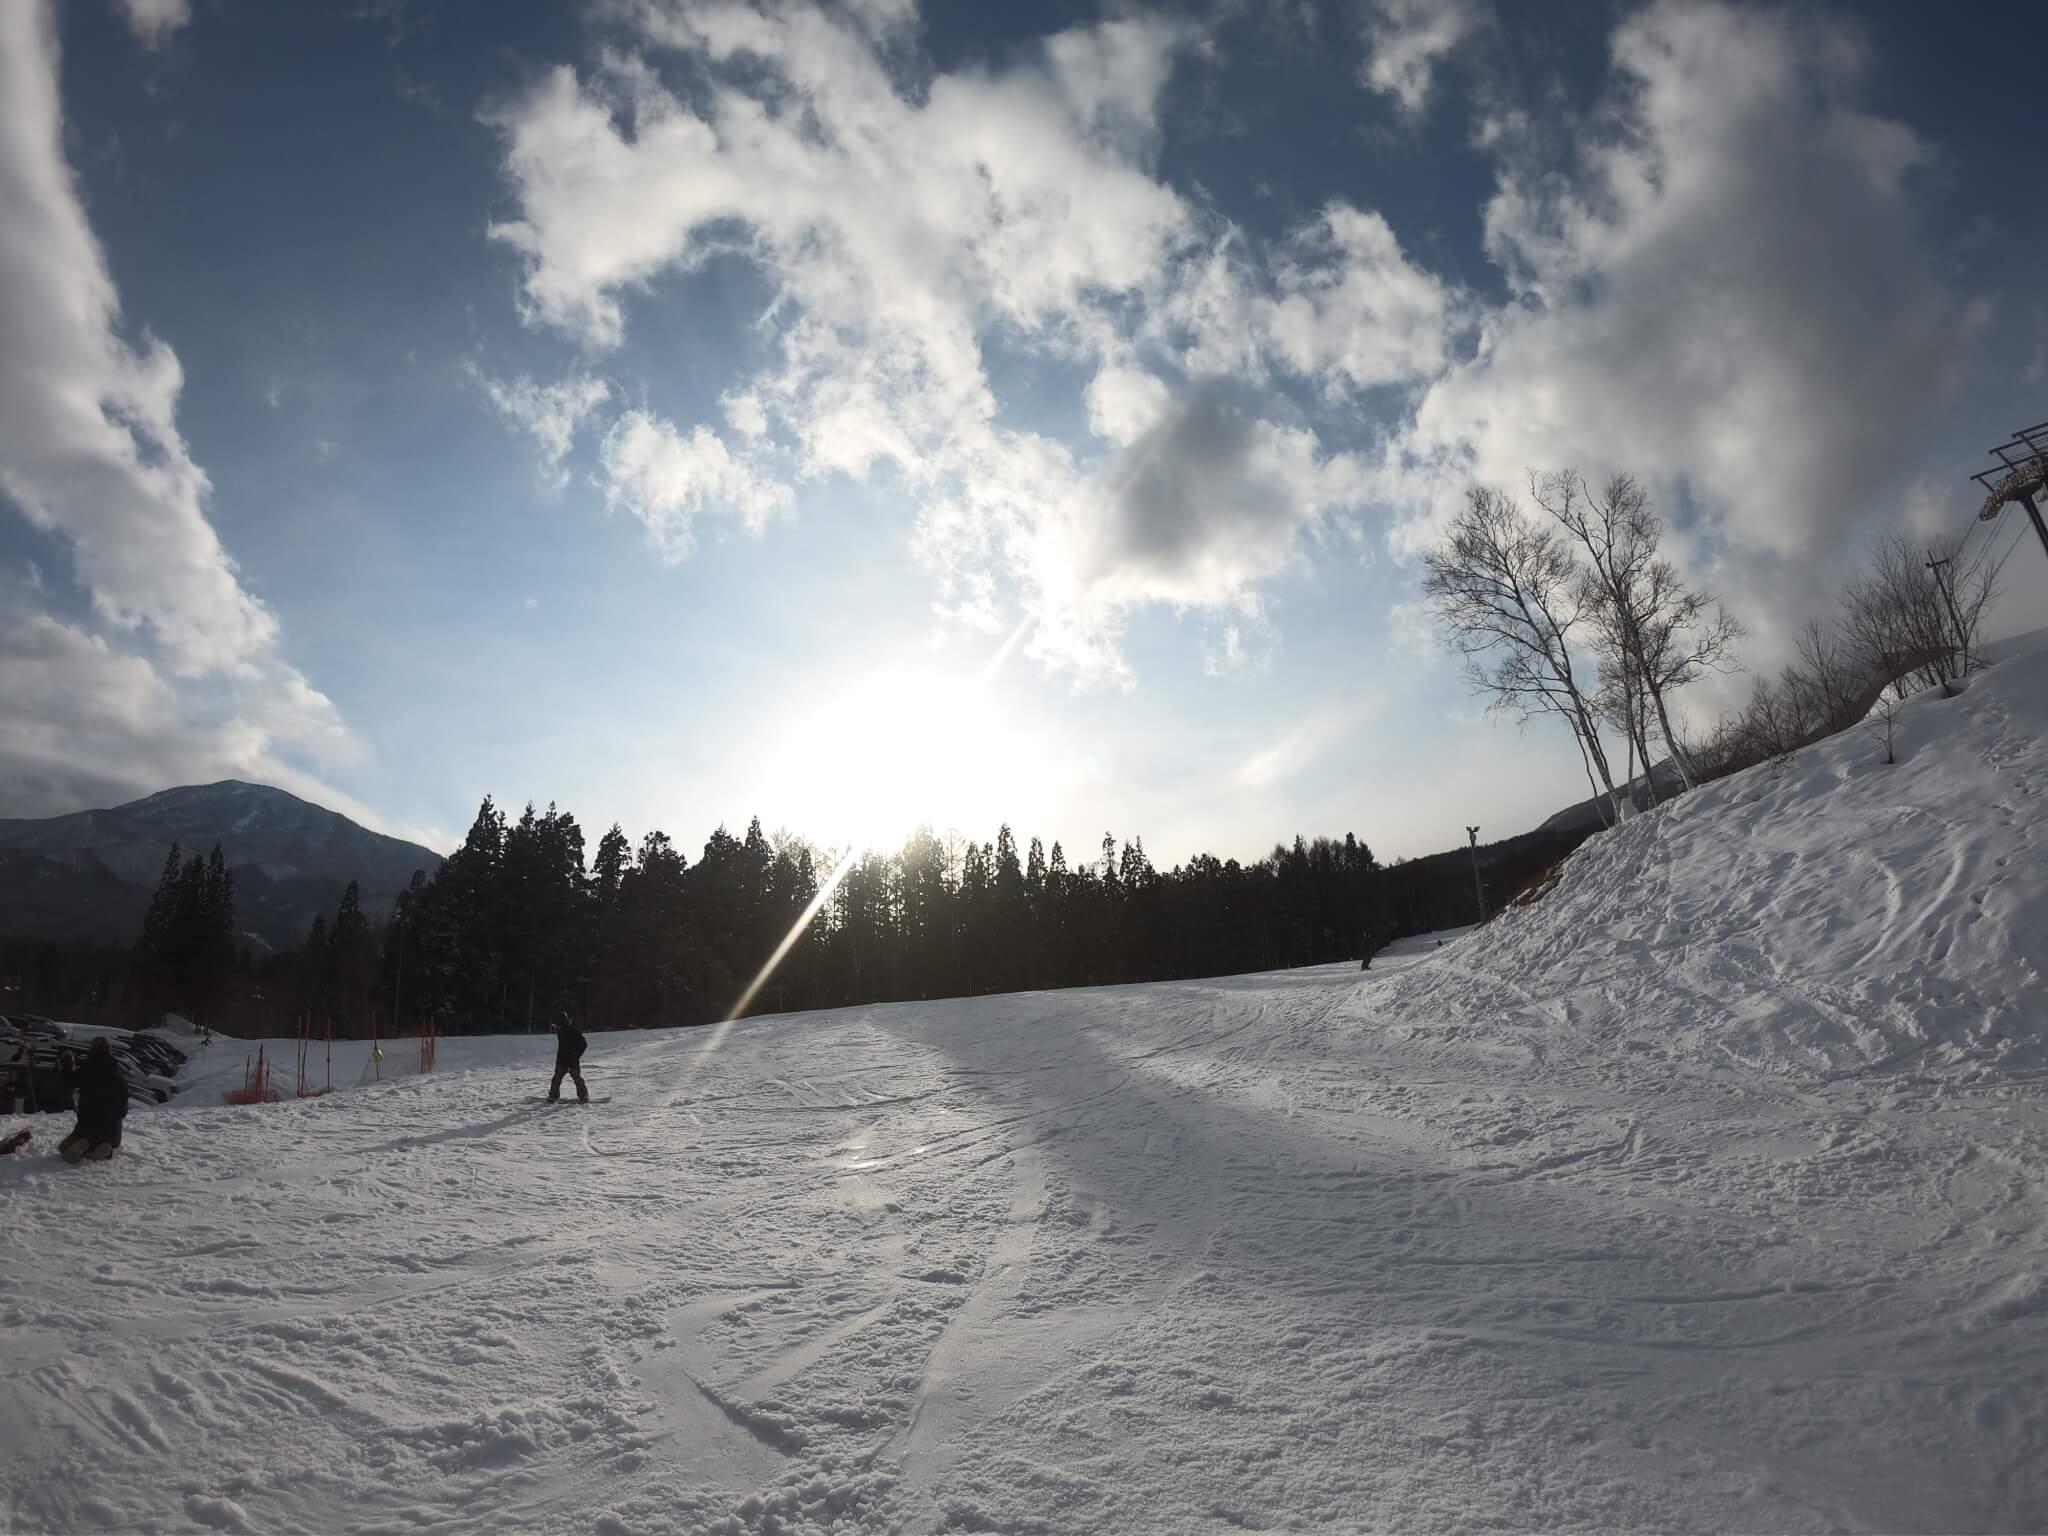 スキー・スノボのカメラはGoProが最強!実体験を元に撮影方法と持ち物を徹底解説